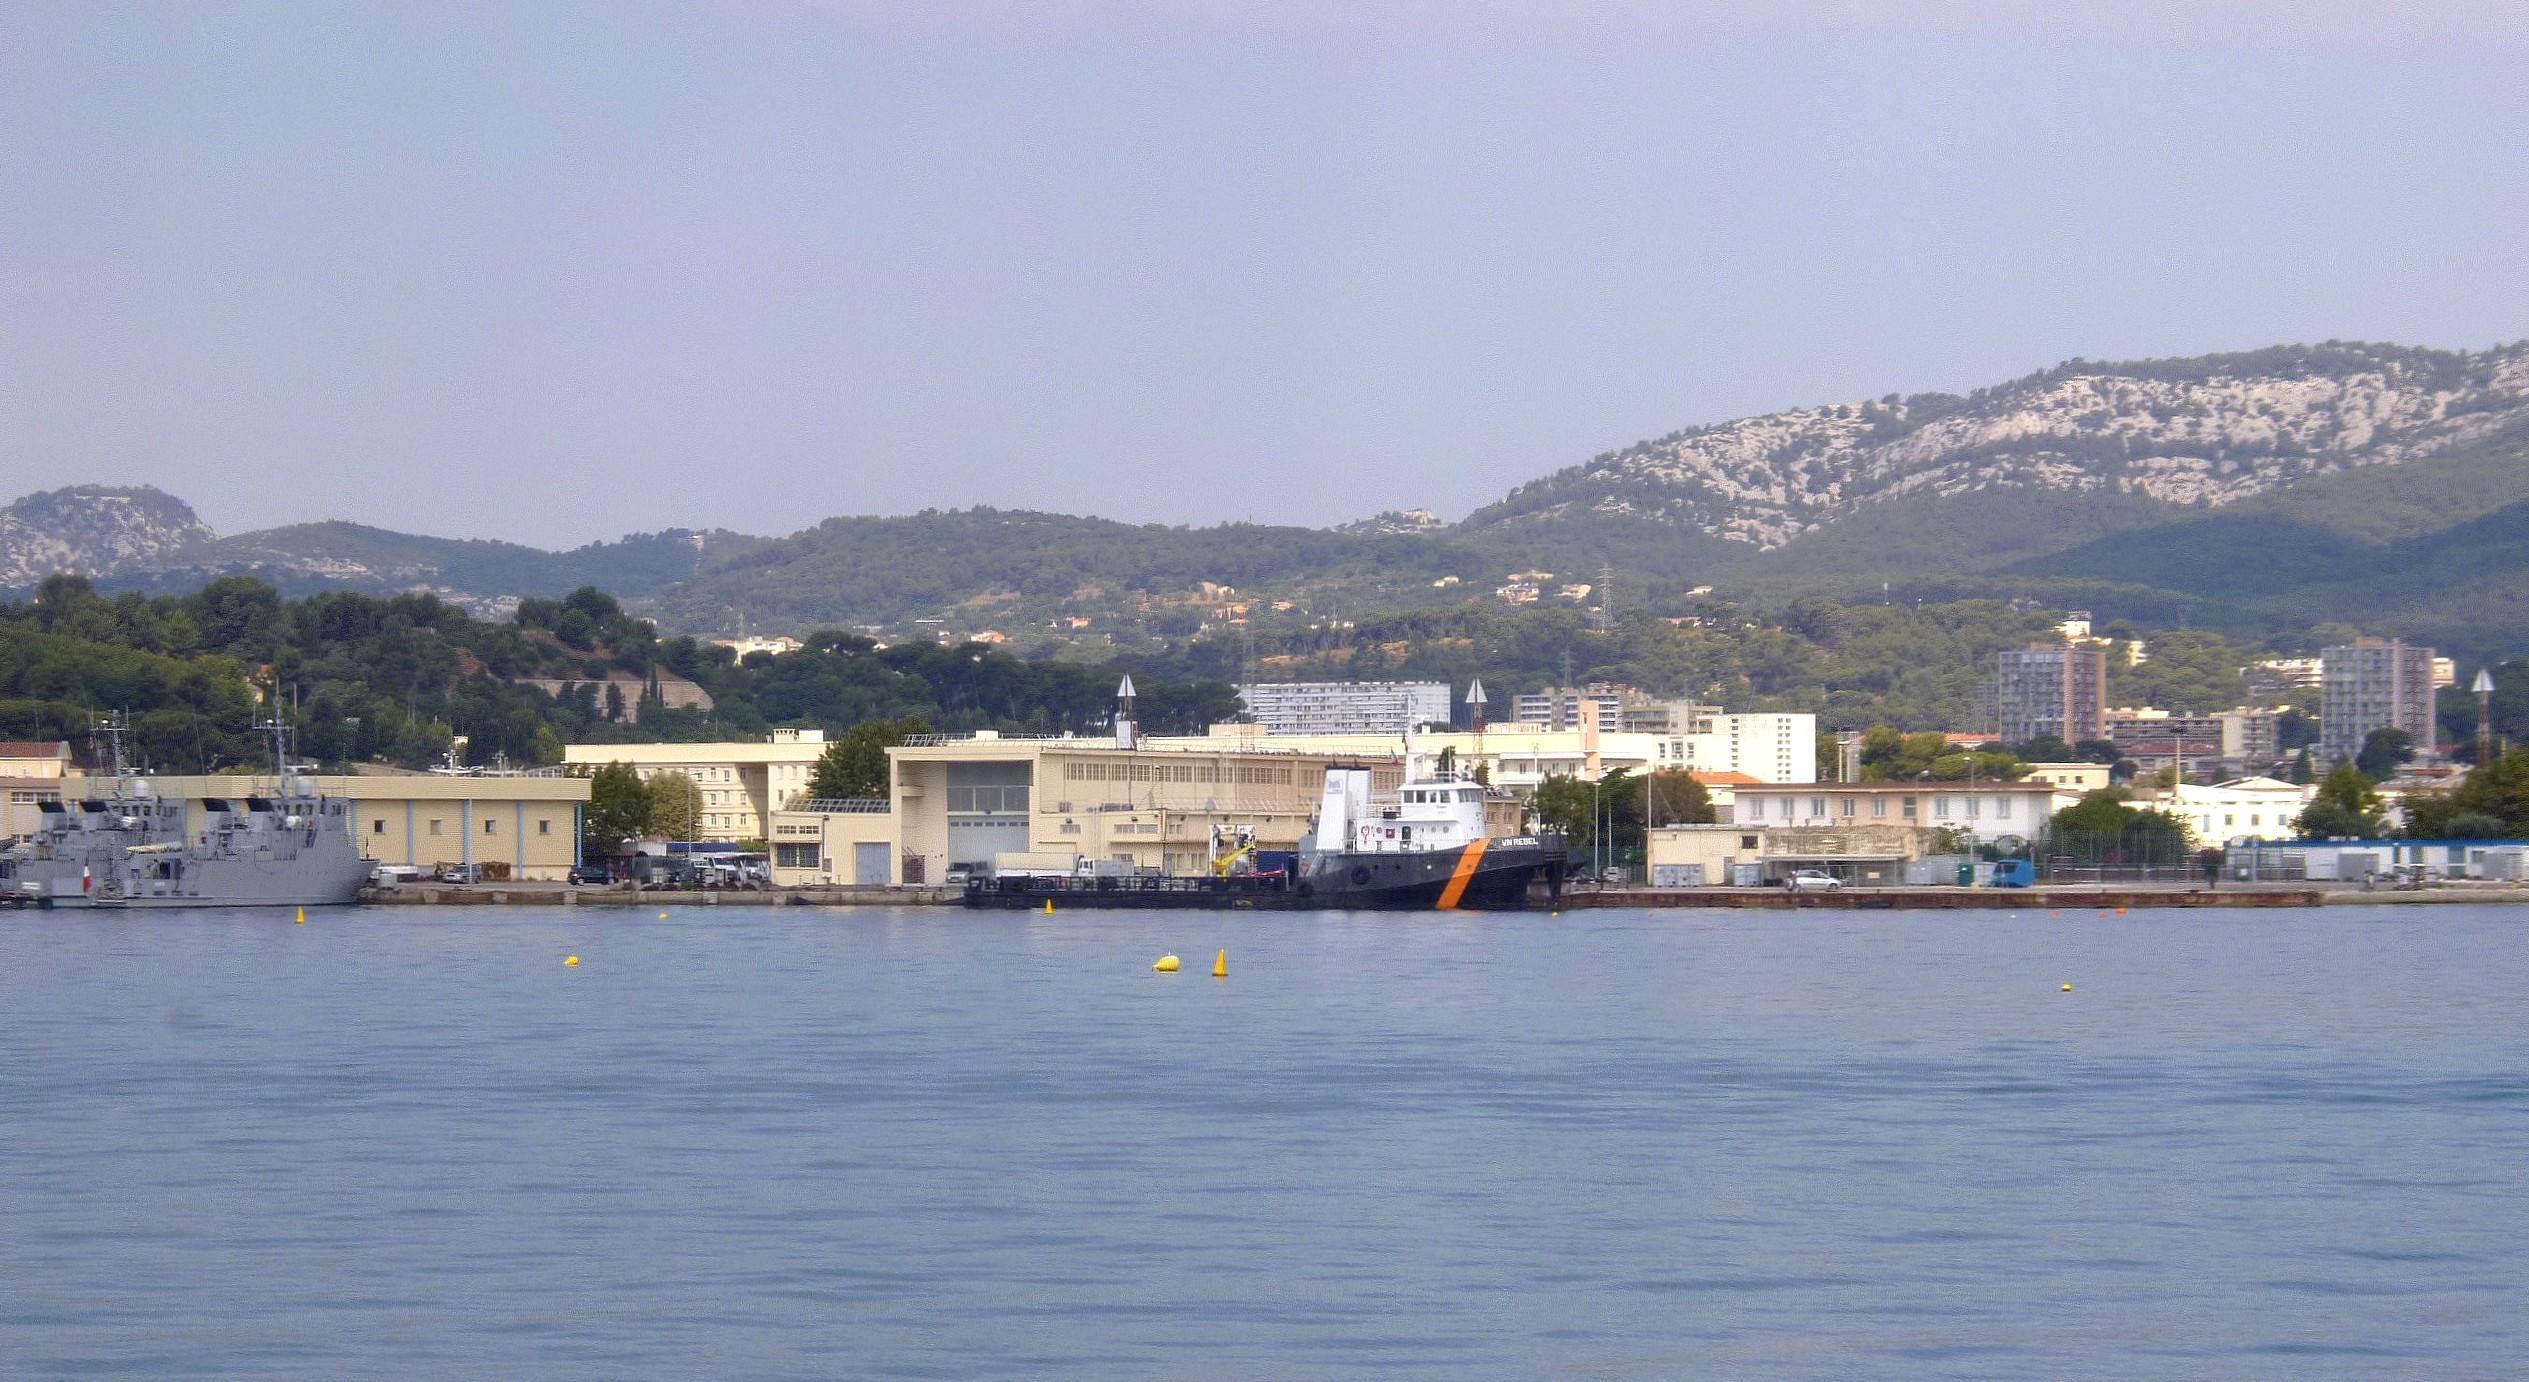 Les news en images du port de TOULON - Page 37 9565006492_390c783532_o